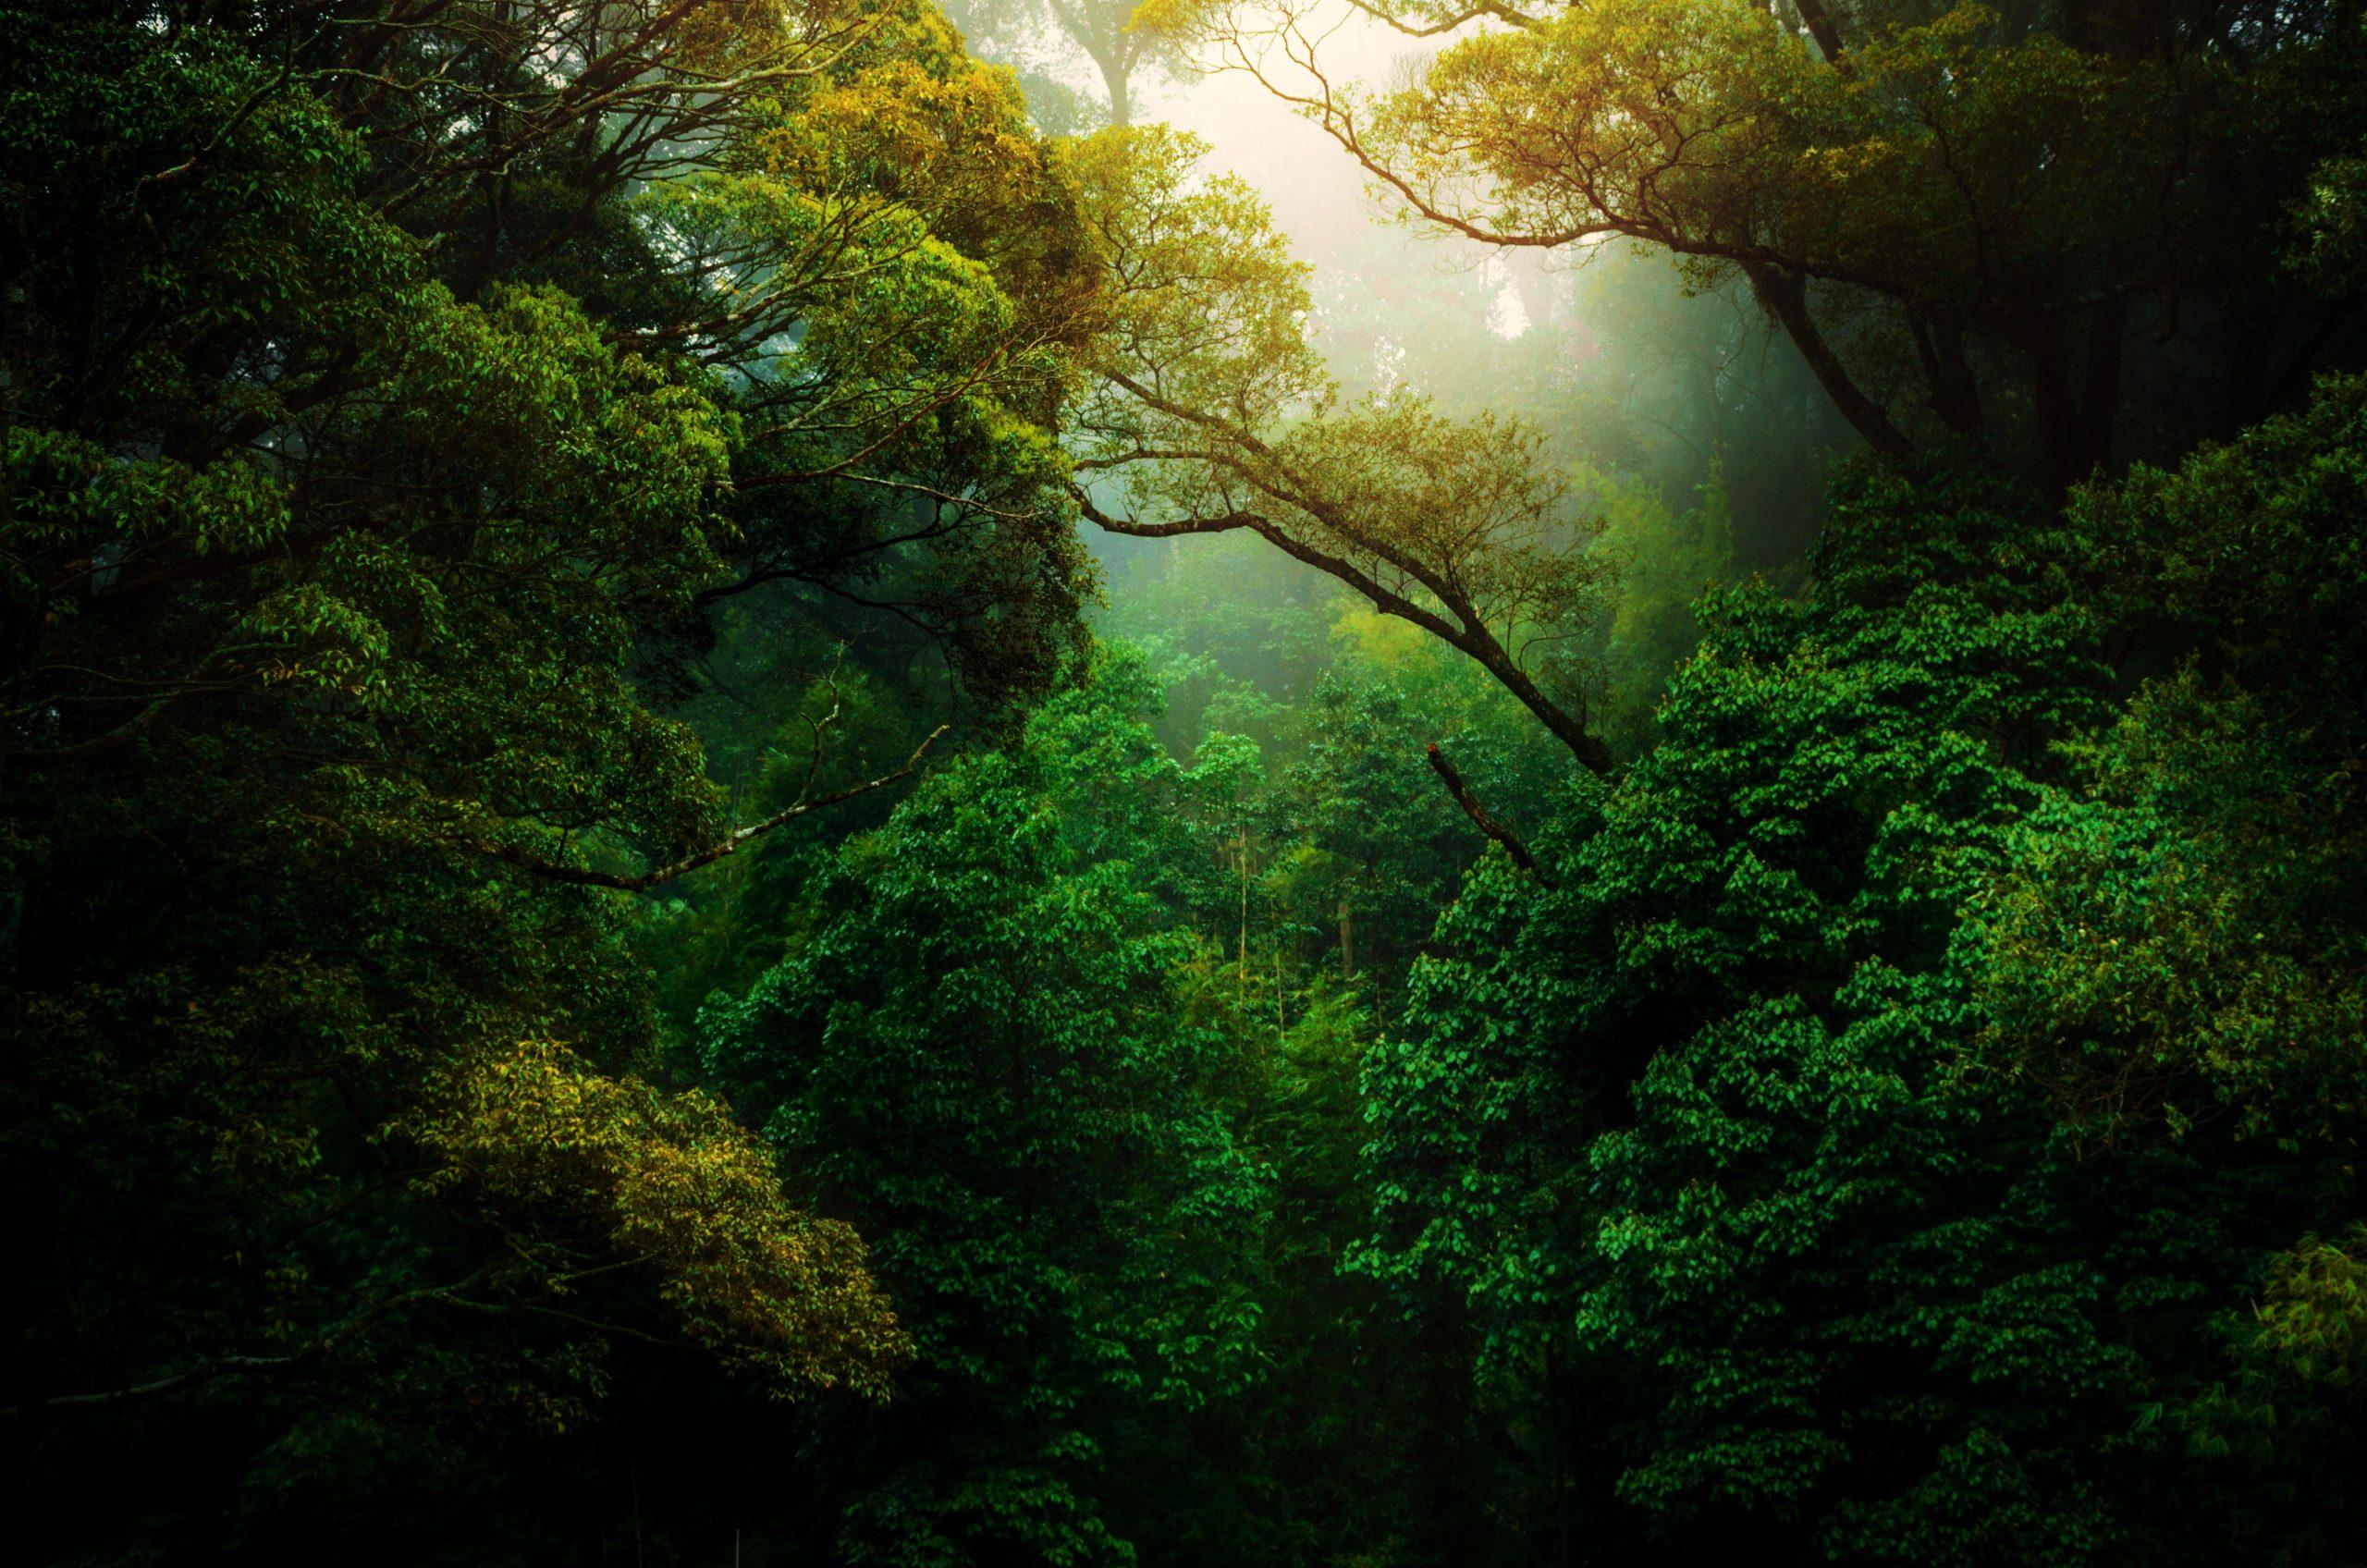 Ayurvéda & yoga : doux passage dans la transition de l'automne